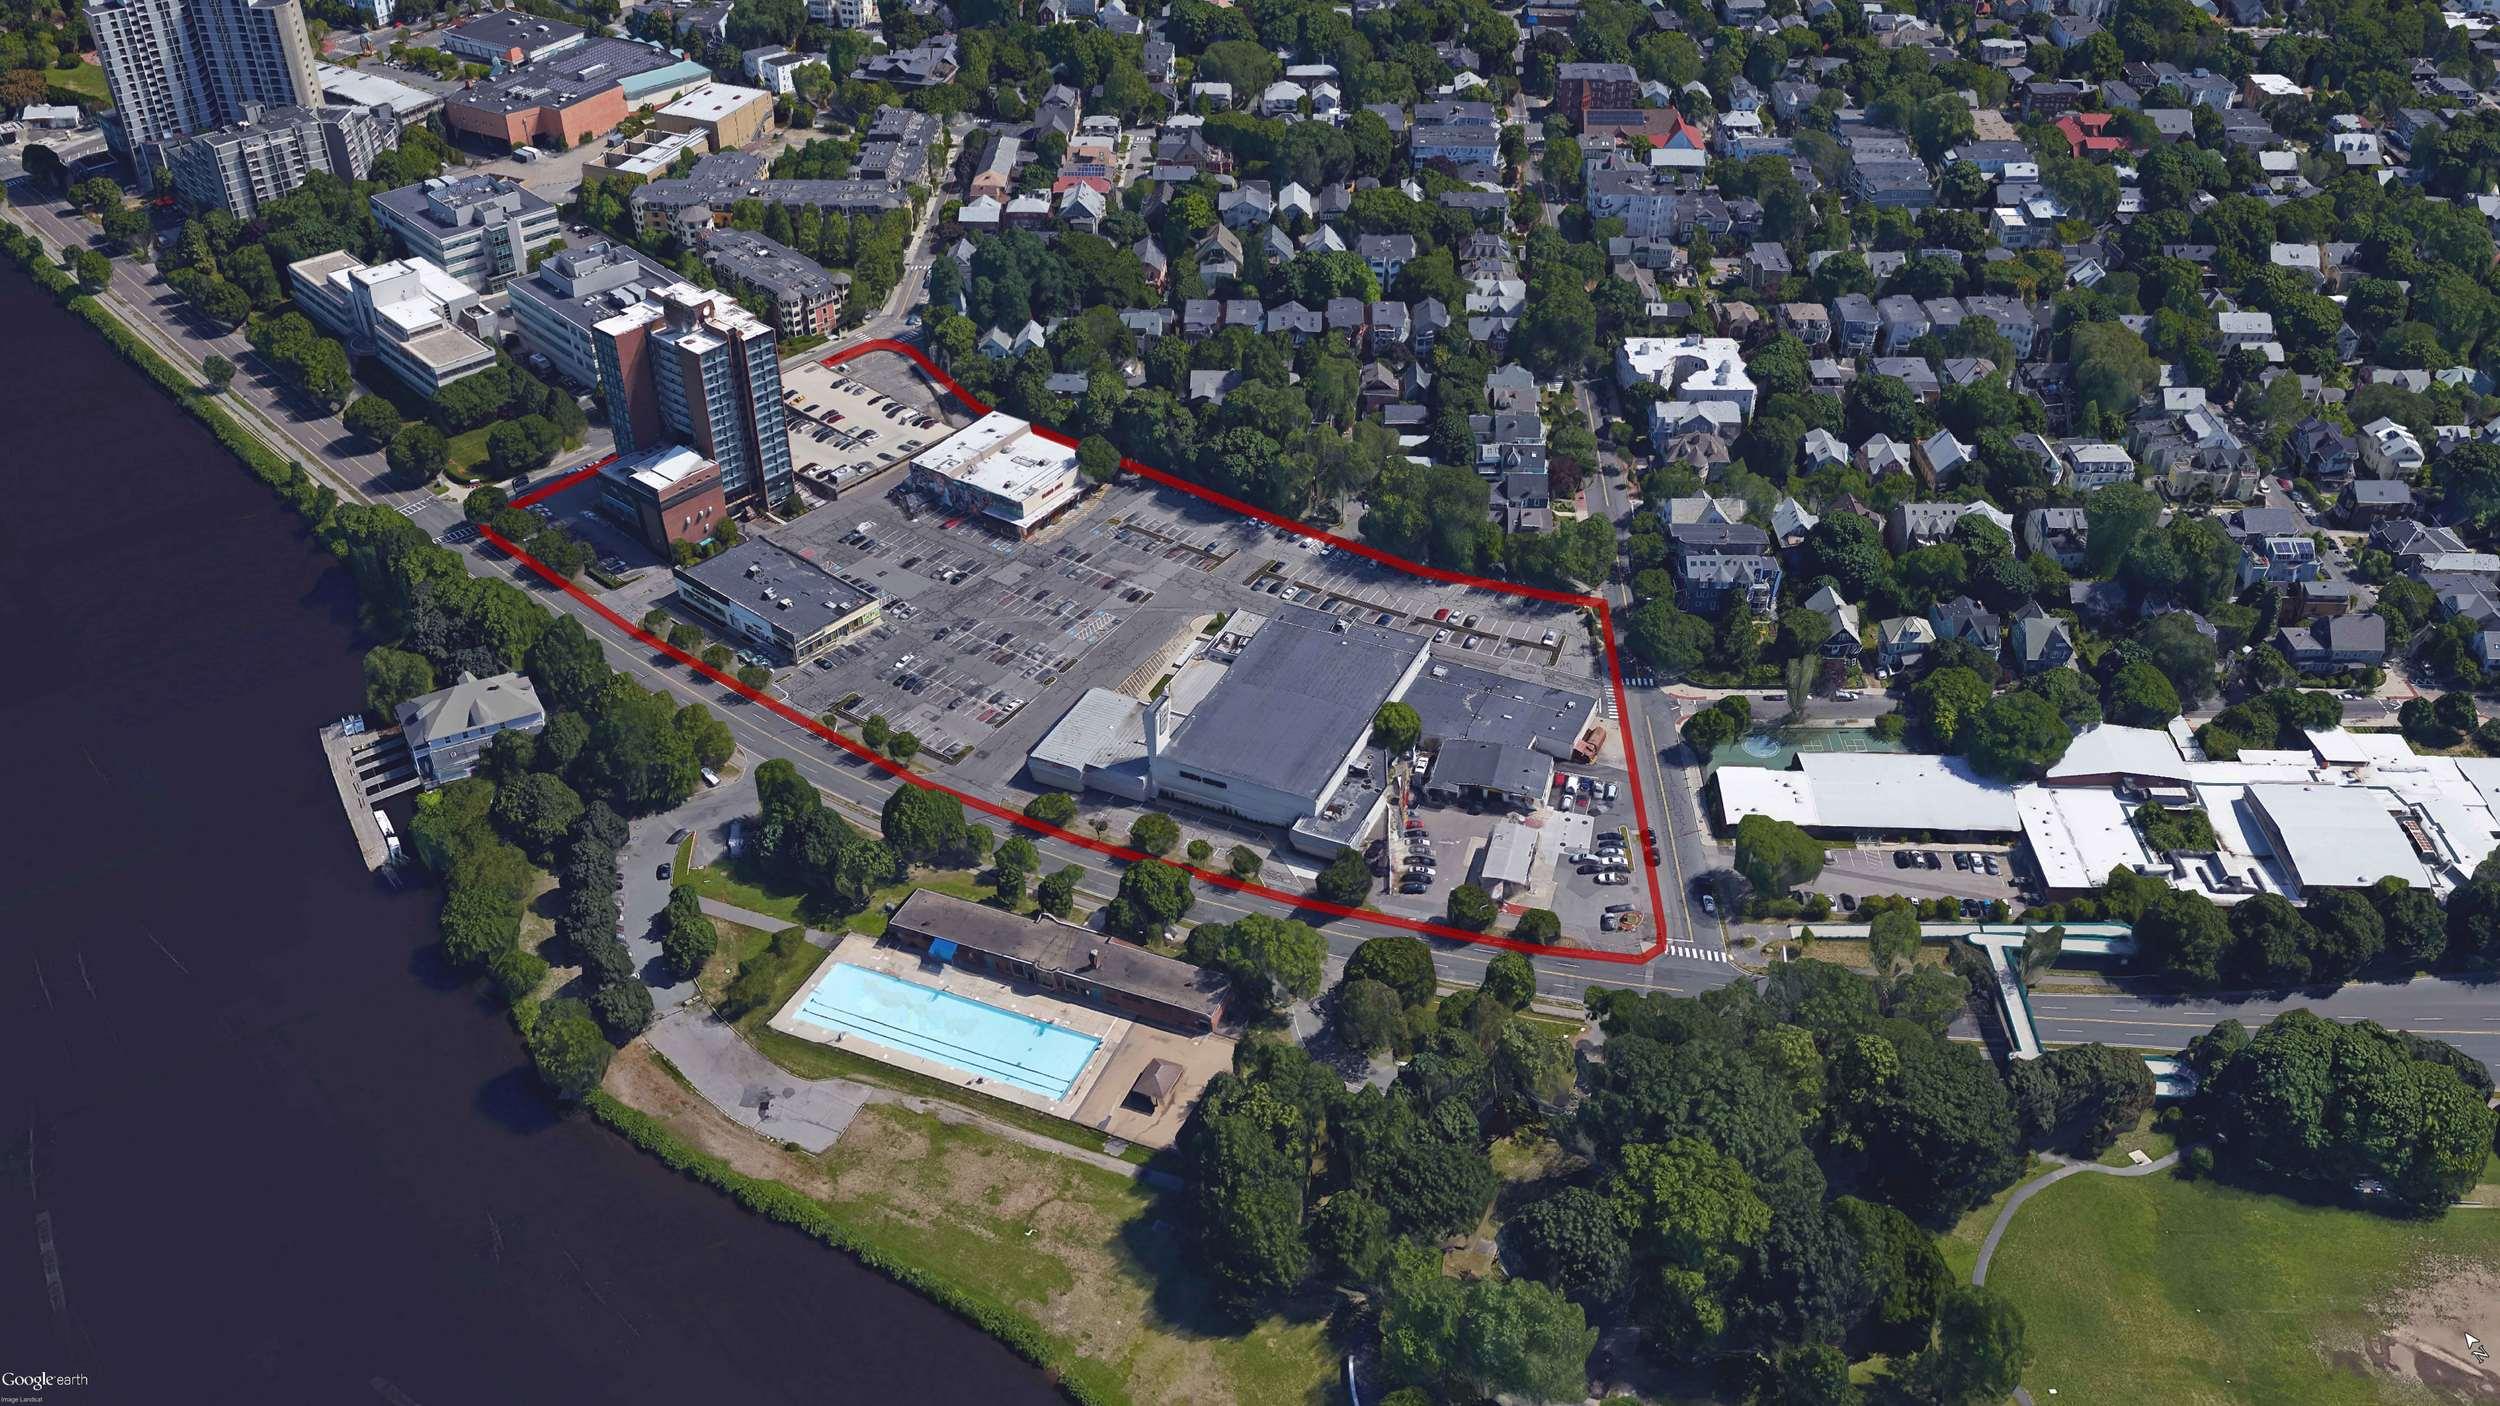 Memorial Plaza in Cambridge, MA - Google Earth image